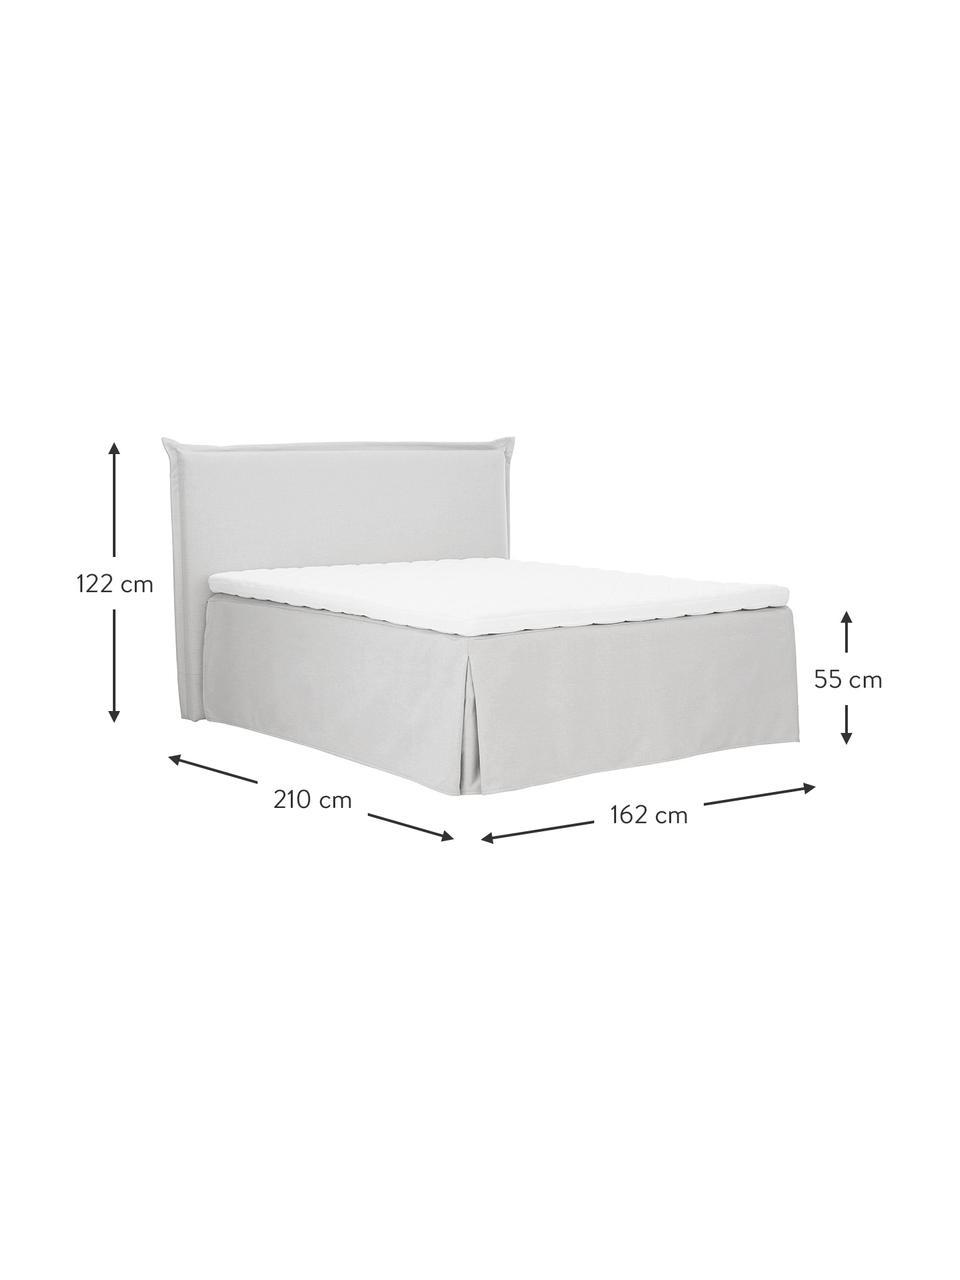 Letto boxspring premium in tessuto grigio chiaro con contenitore Violet, Materasso: nucleo a 5 zone di molle , Piedini: legno massiccio di betull, Bianco-grigio chiaro, 180 x 200 cm